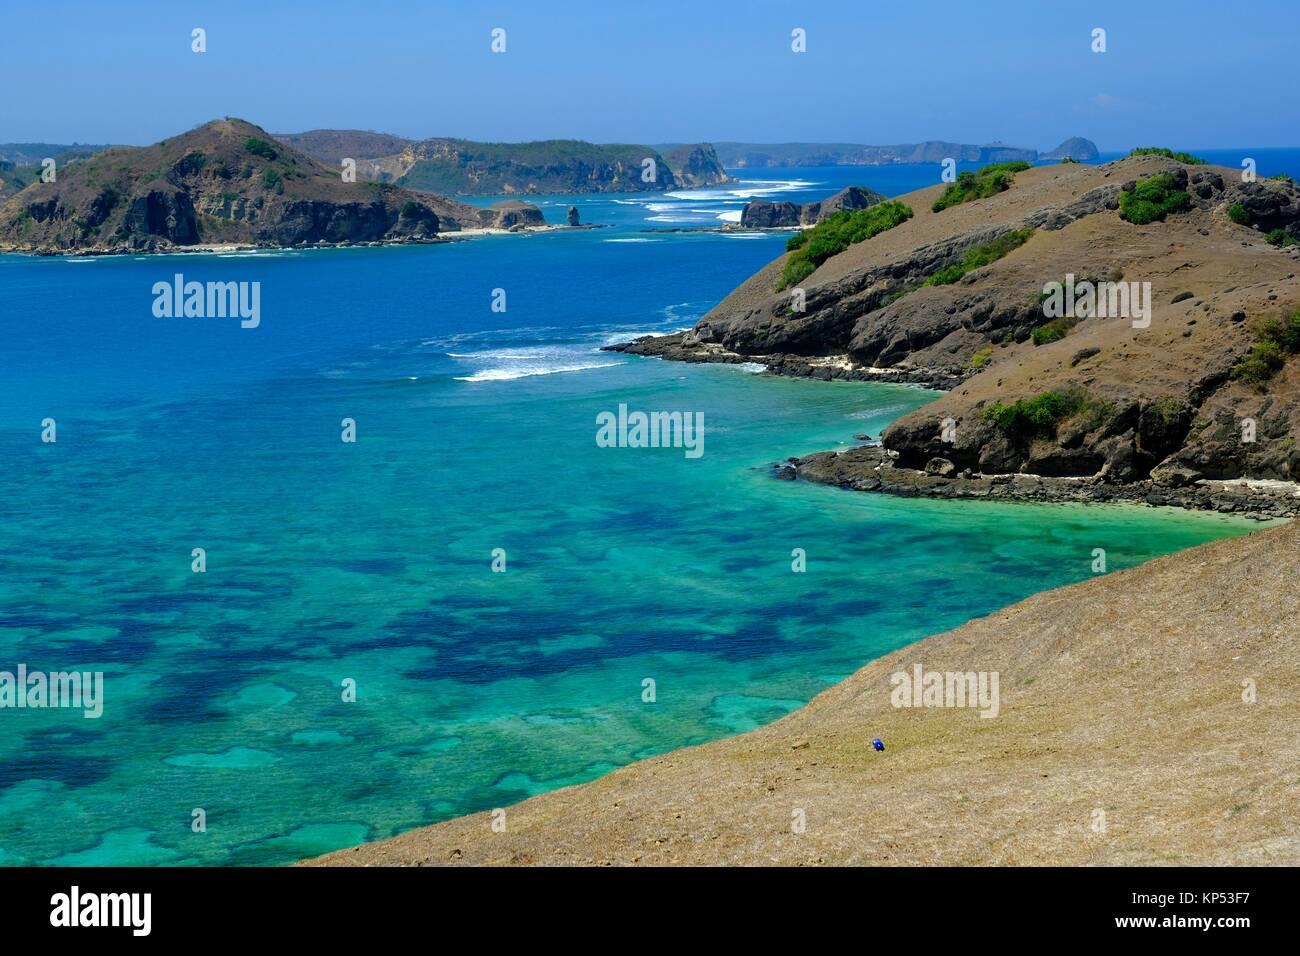 L'île de Lombok, Indonésie, Asie du sud-est. Photo Stock